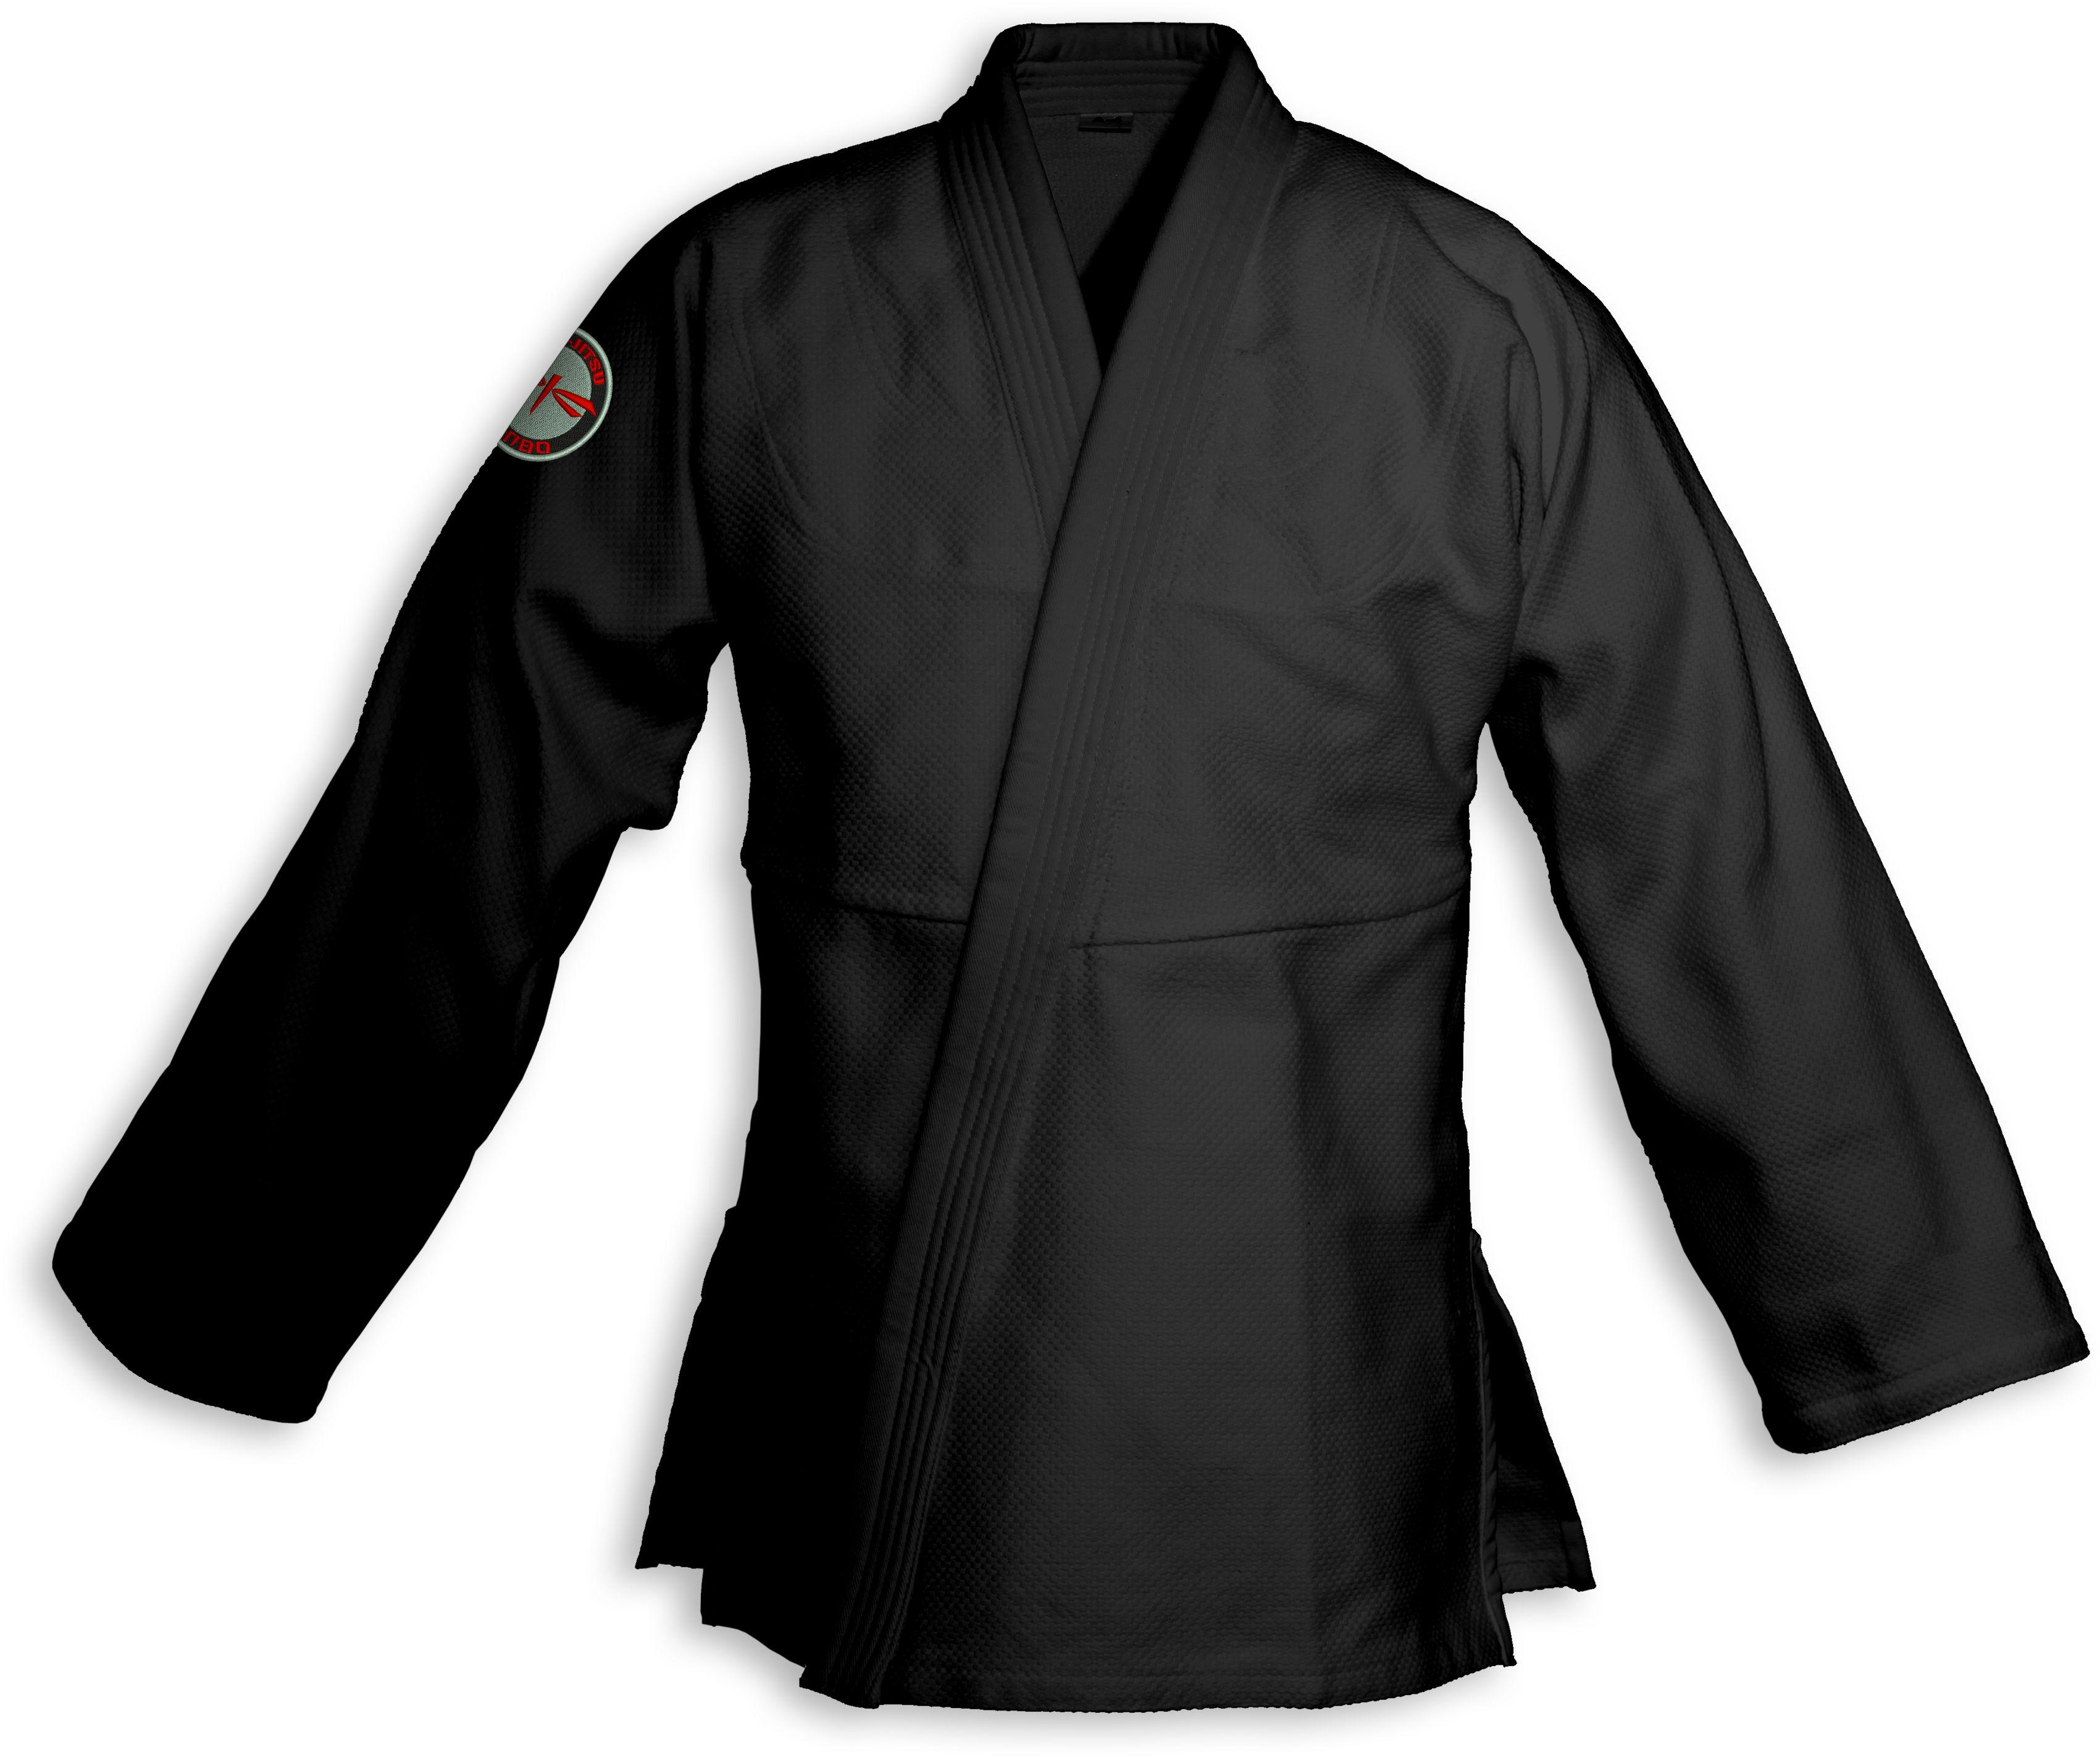 bluza BJJ / Jiu-Jitsu NAKED, czarna, 580g/m2 (27 rozmiarów)